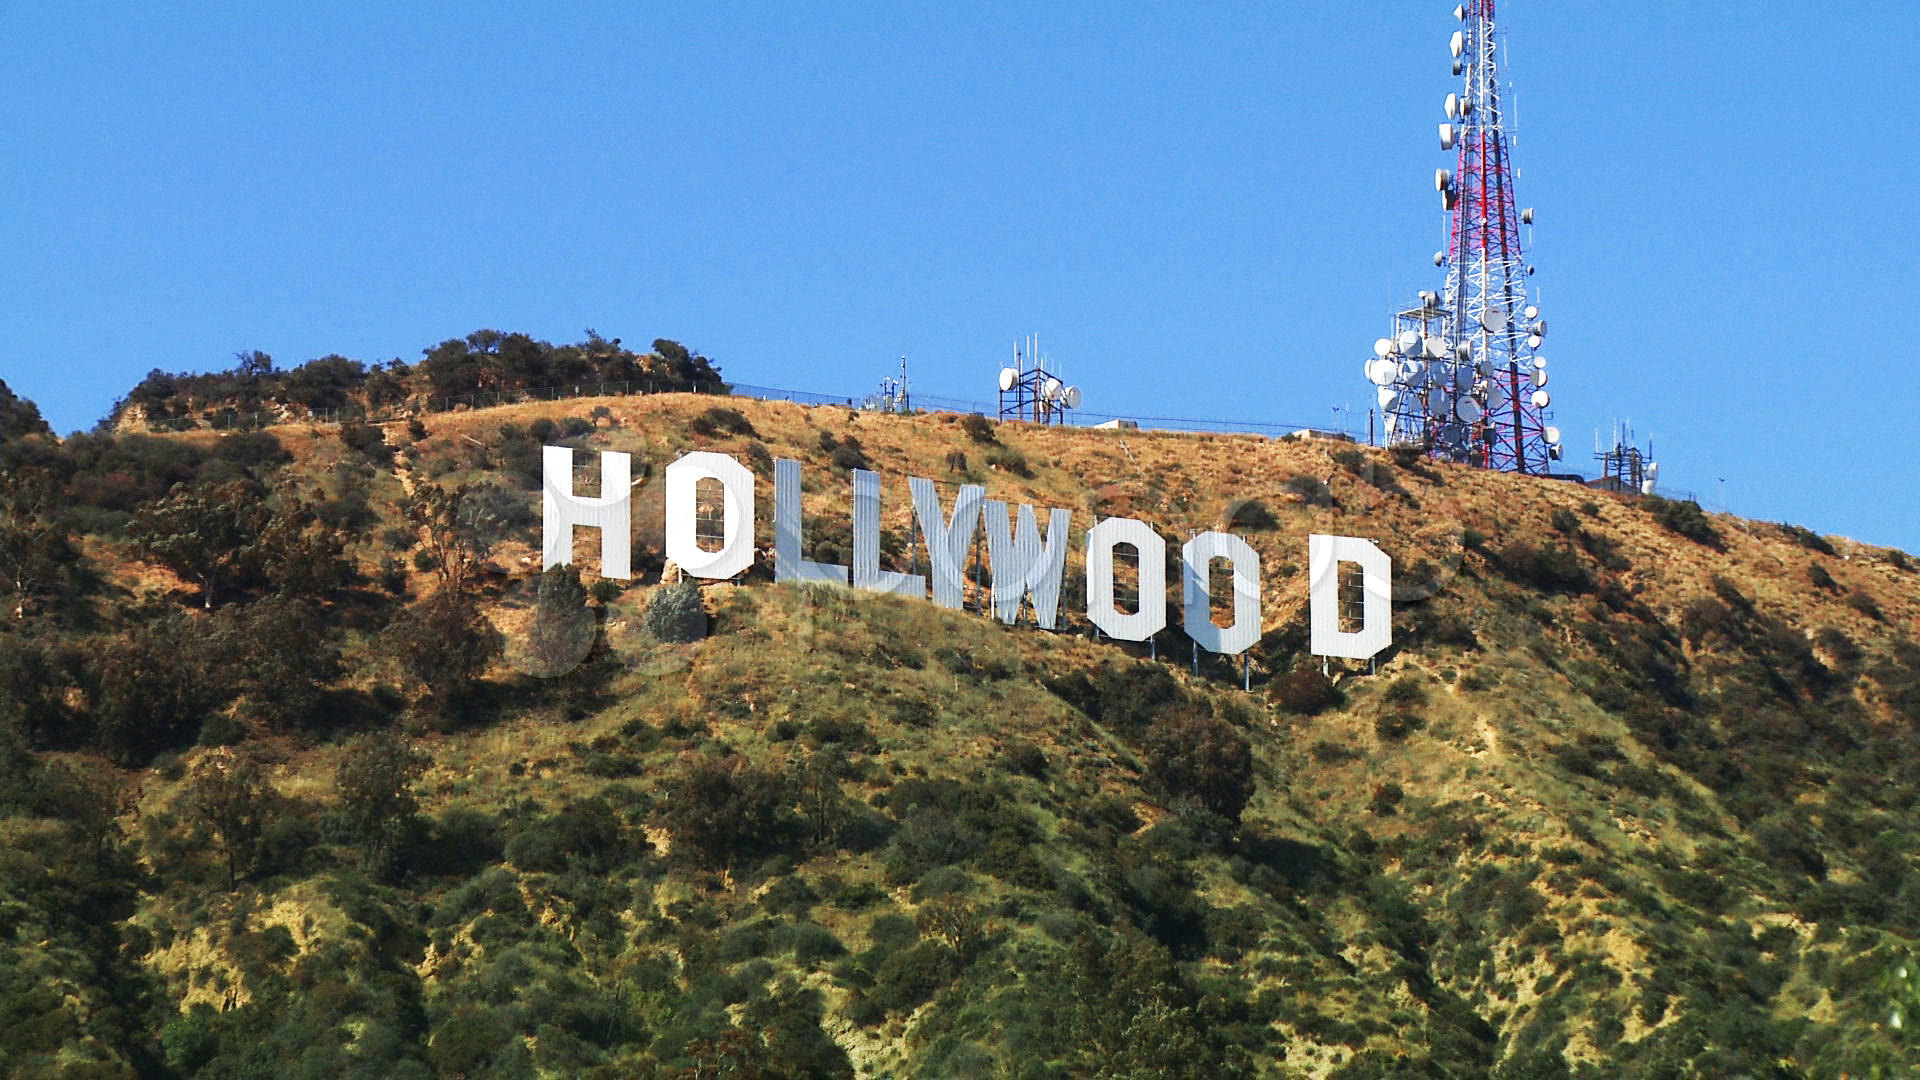 Hollywood Sign Wallpaper - WallpaperSafari  Hollywood Sign ...